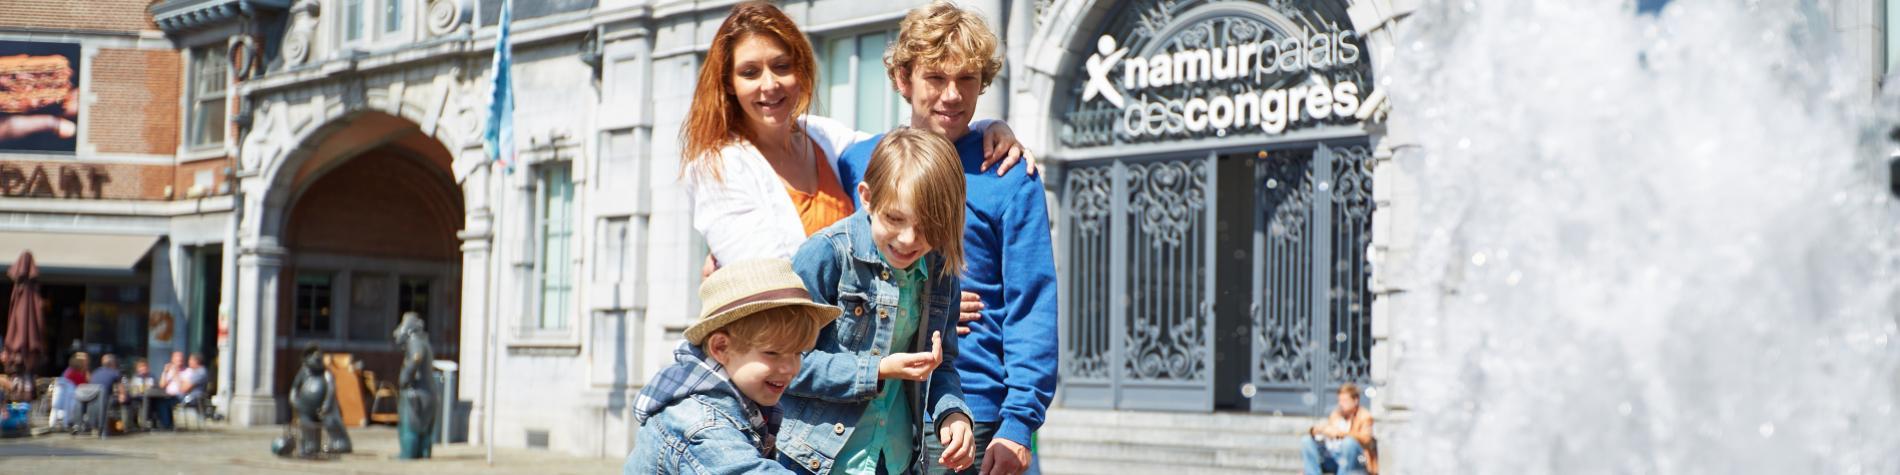 La Place d'Armes - Centre - Namur - famille - enfants